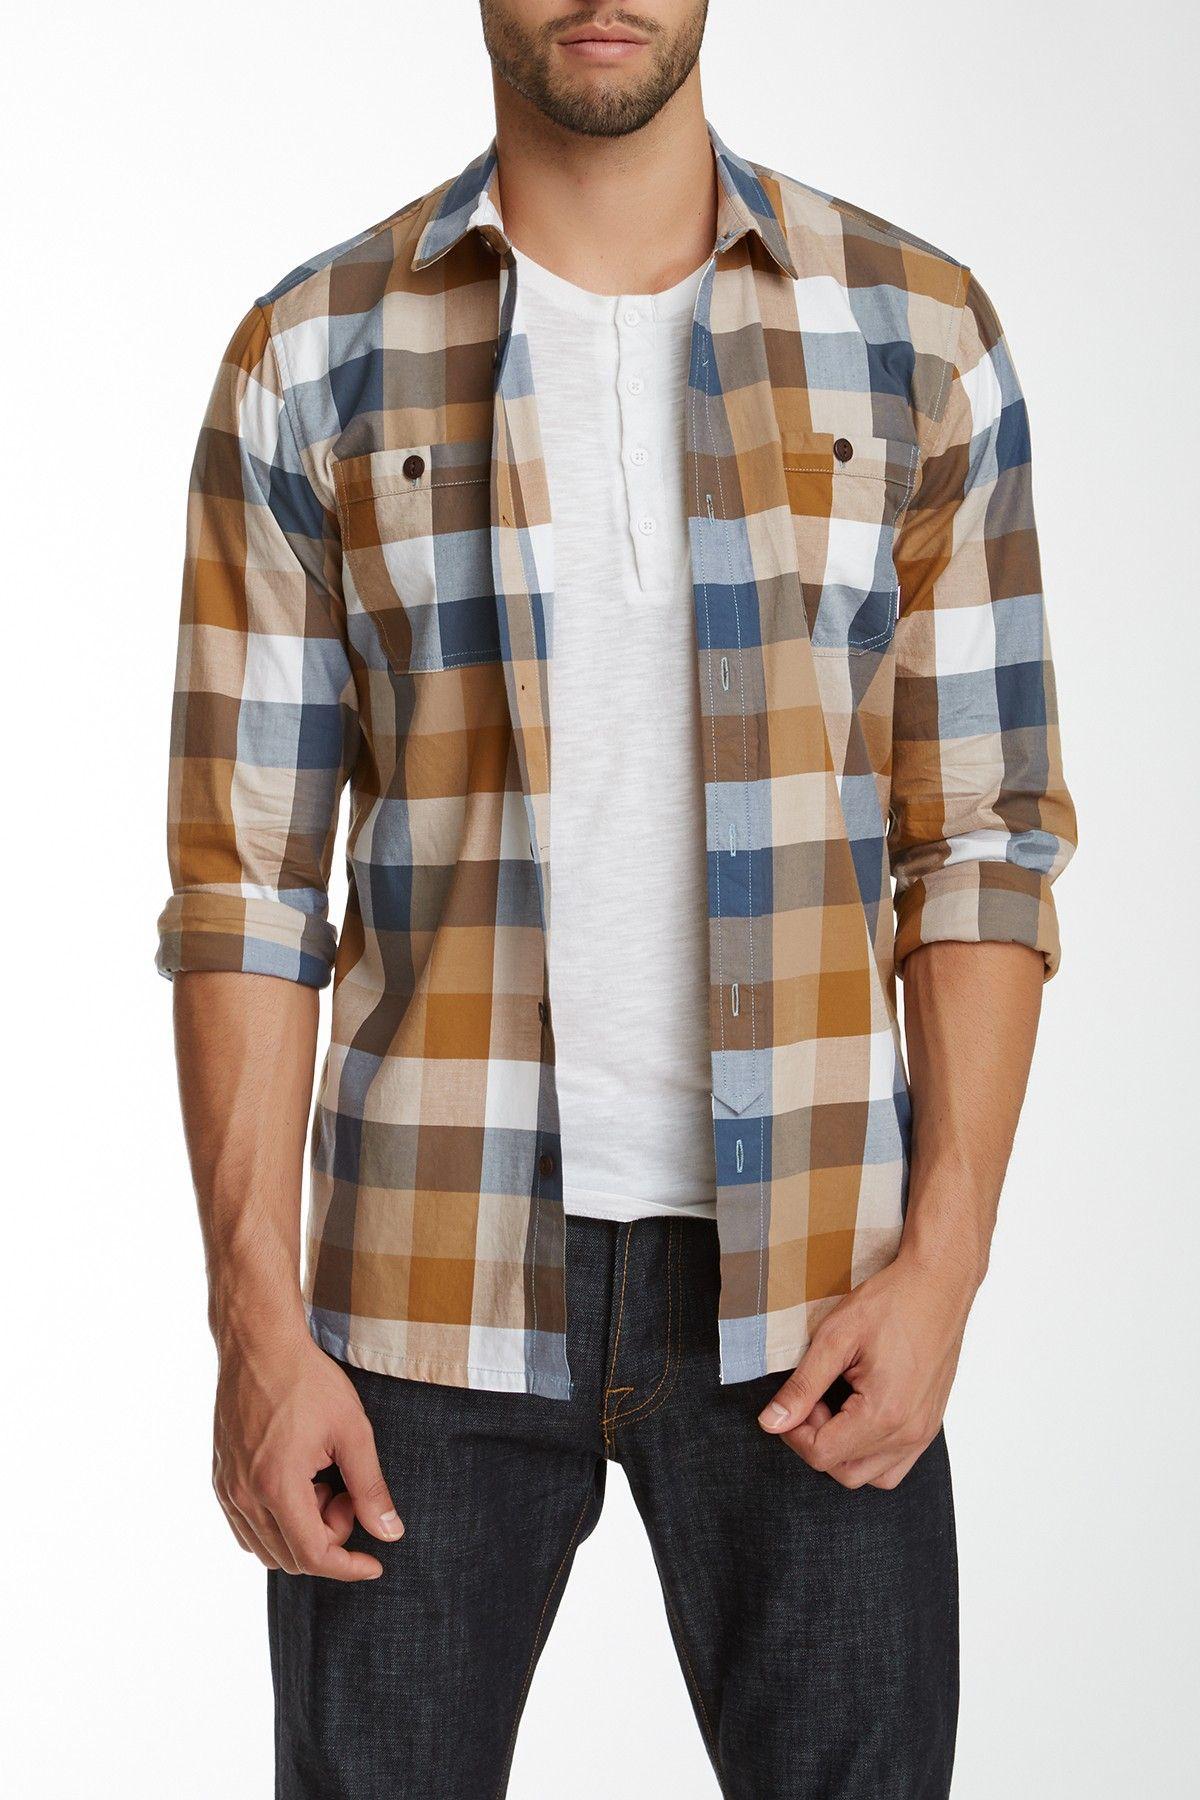 Flannel shirt knot  OuNeill  Simeon Plaid Shirt